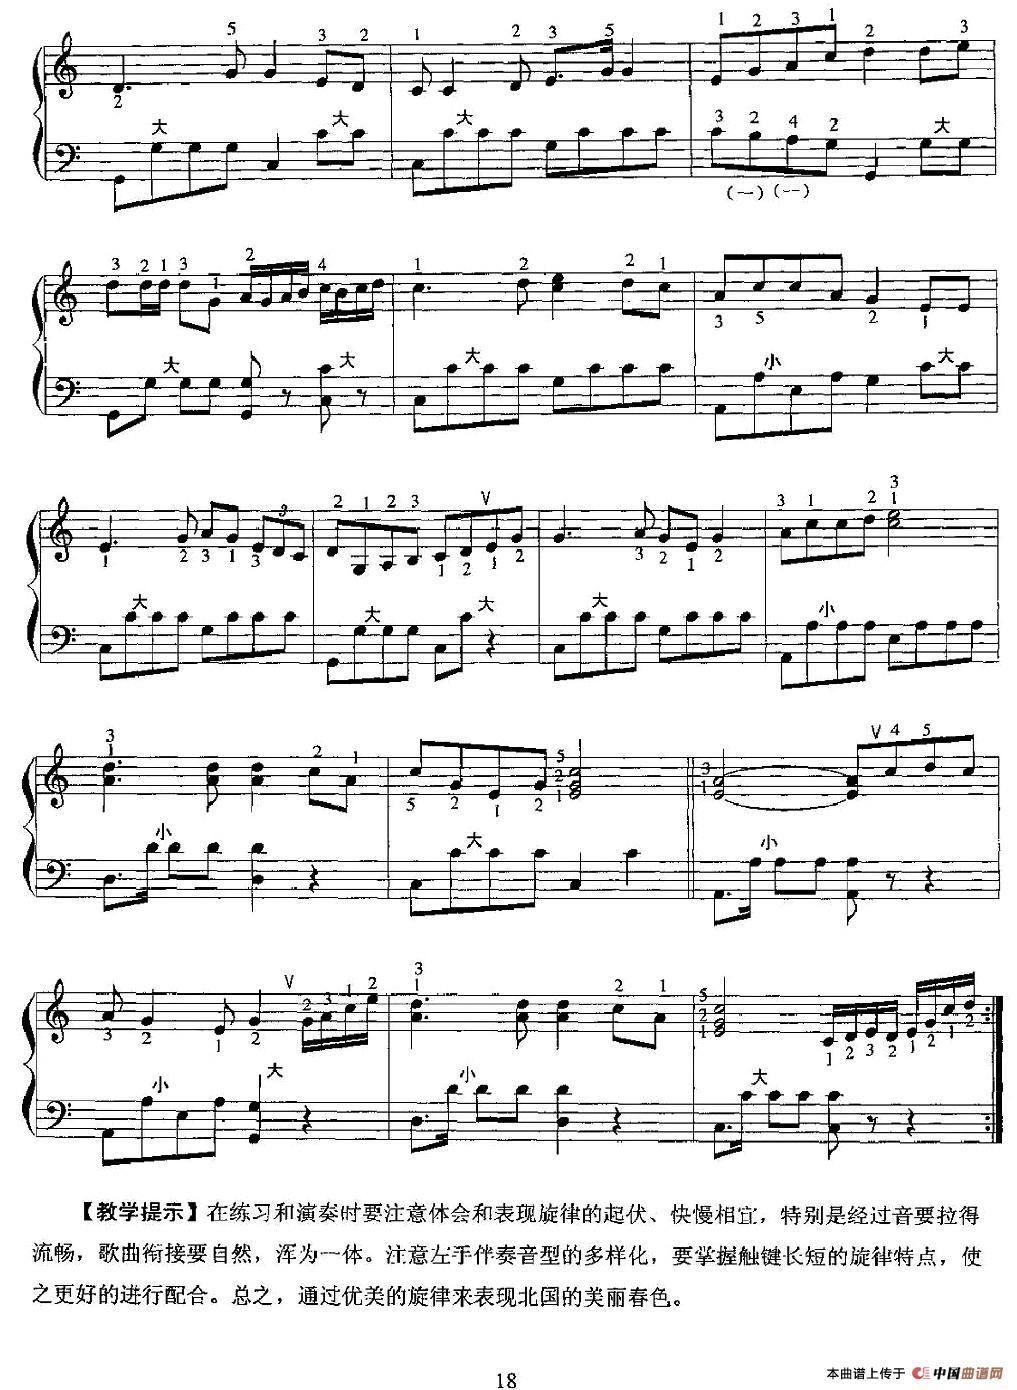 北国之春手风琴谱 器乐乐谱 中国曲谱网图片